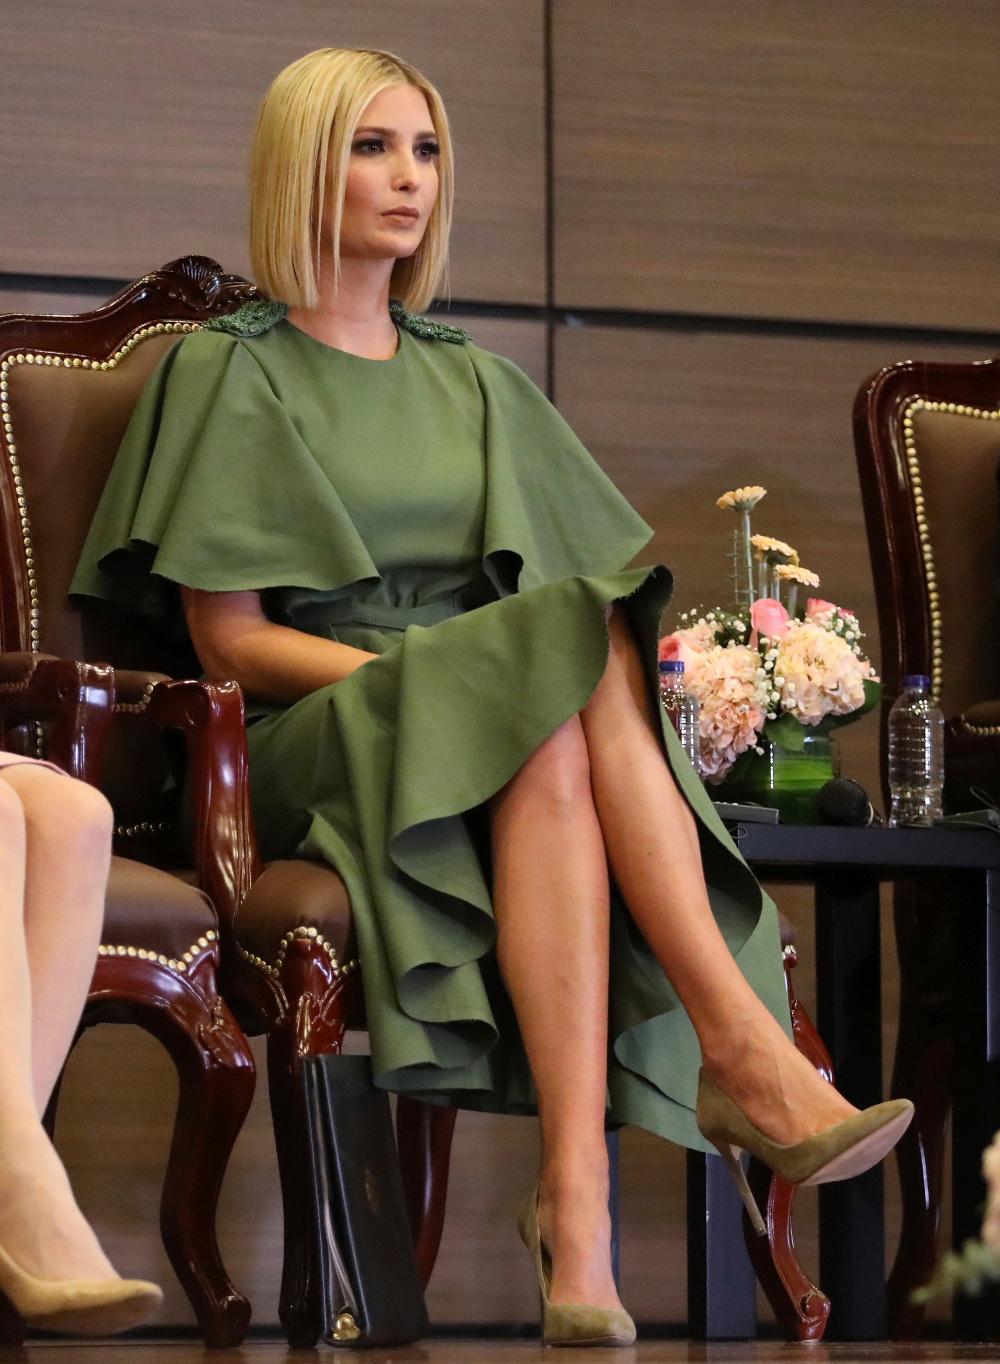 Η Ιβάνκα Τραμπ με χακί φόρεμα και λαδί γόβες